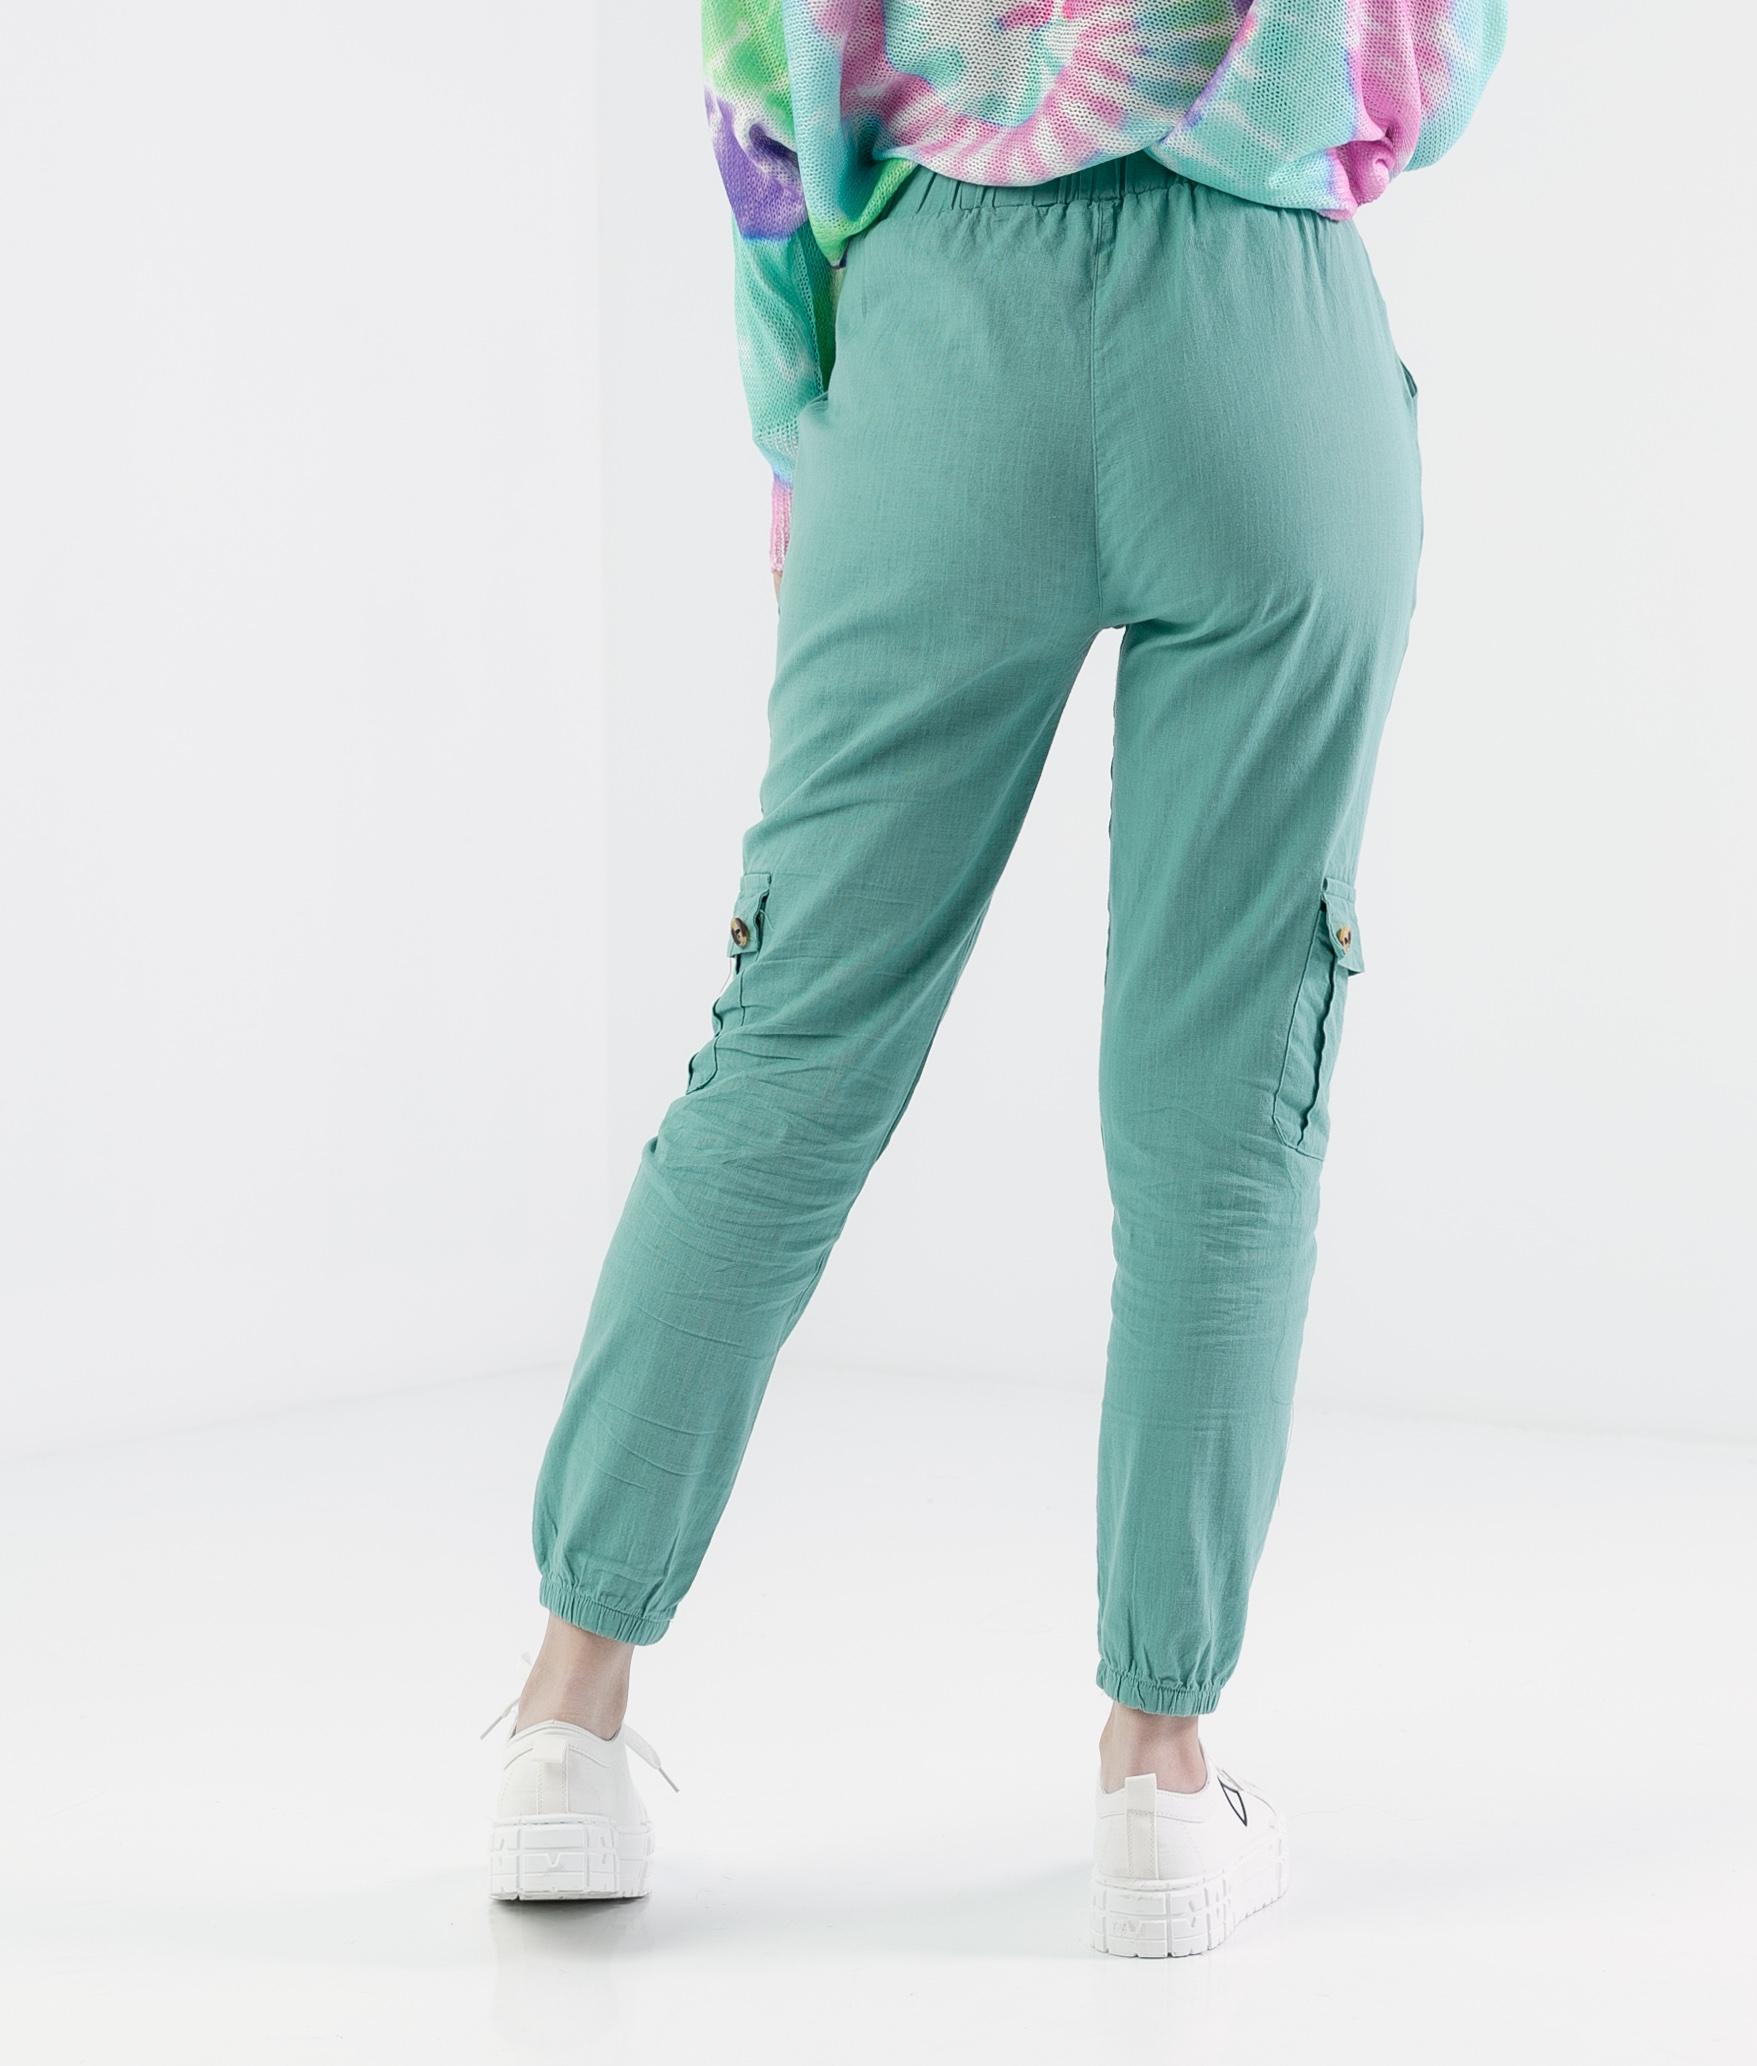 Pantalón Polne - Turquoise